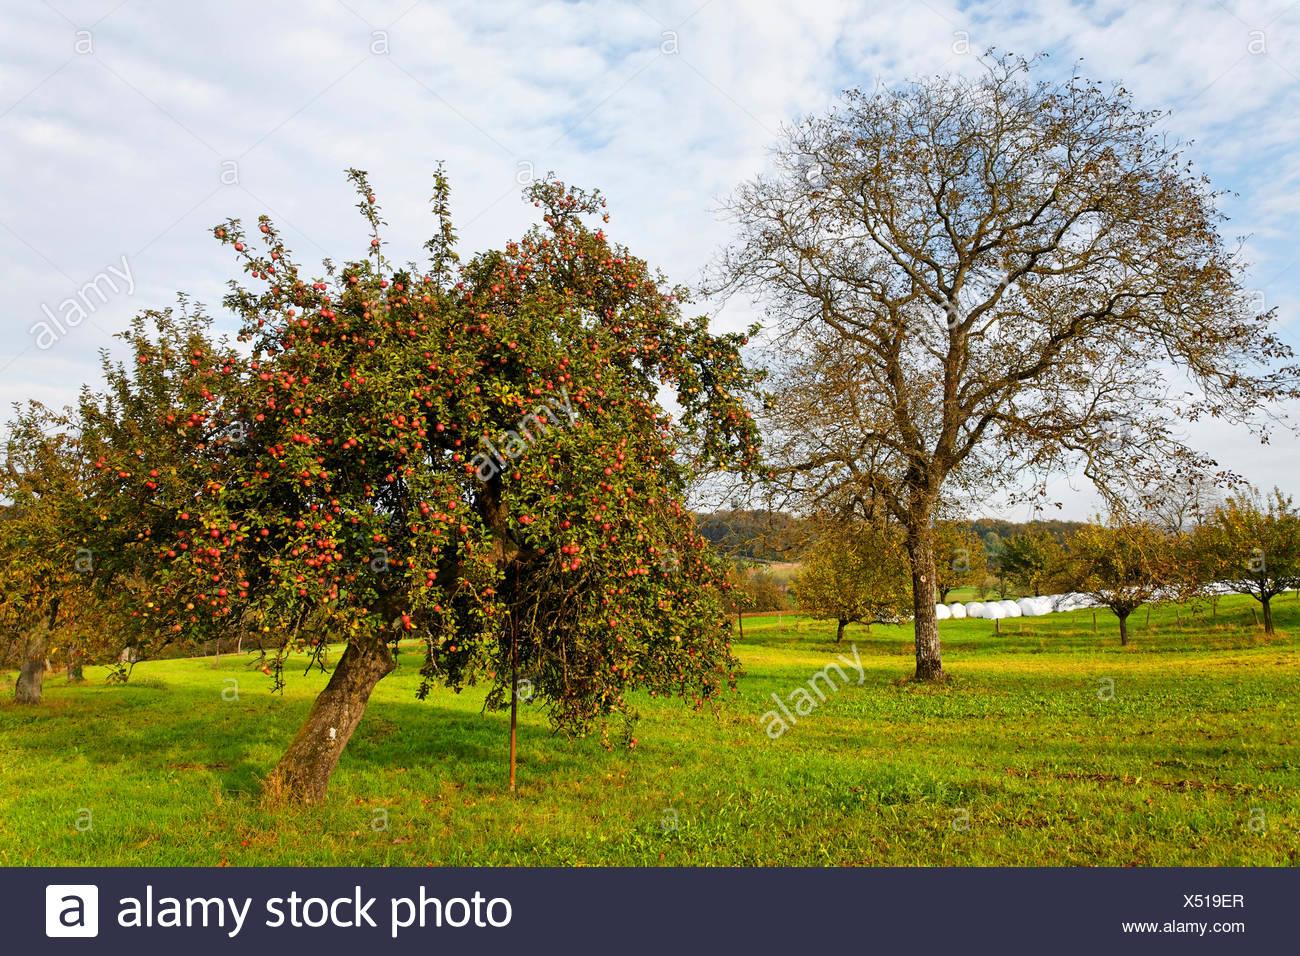 Foto Di Alberi Da Frutto melo, prato con disseminati di alberi da frutta in autunno